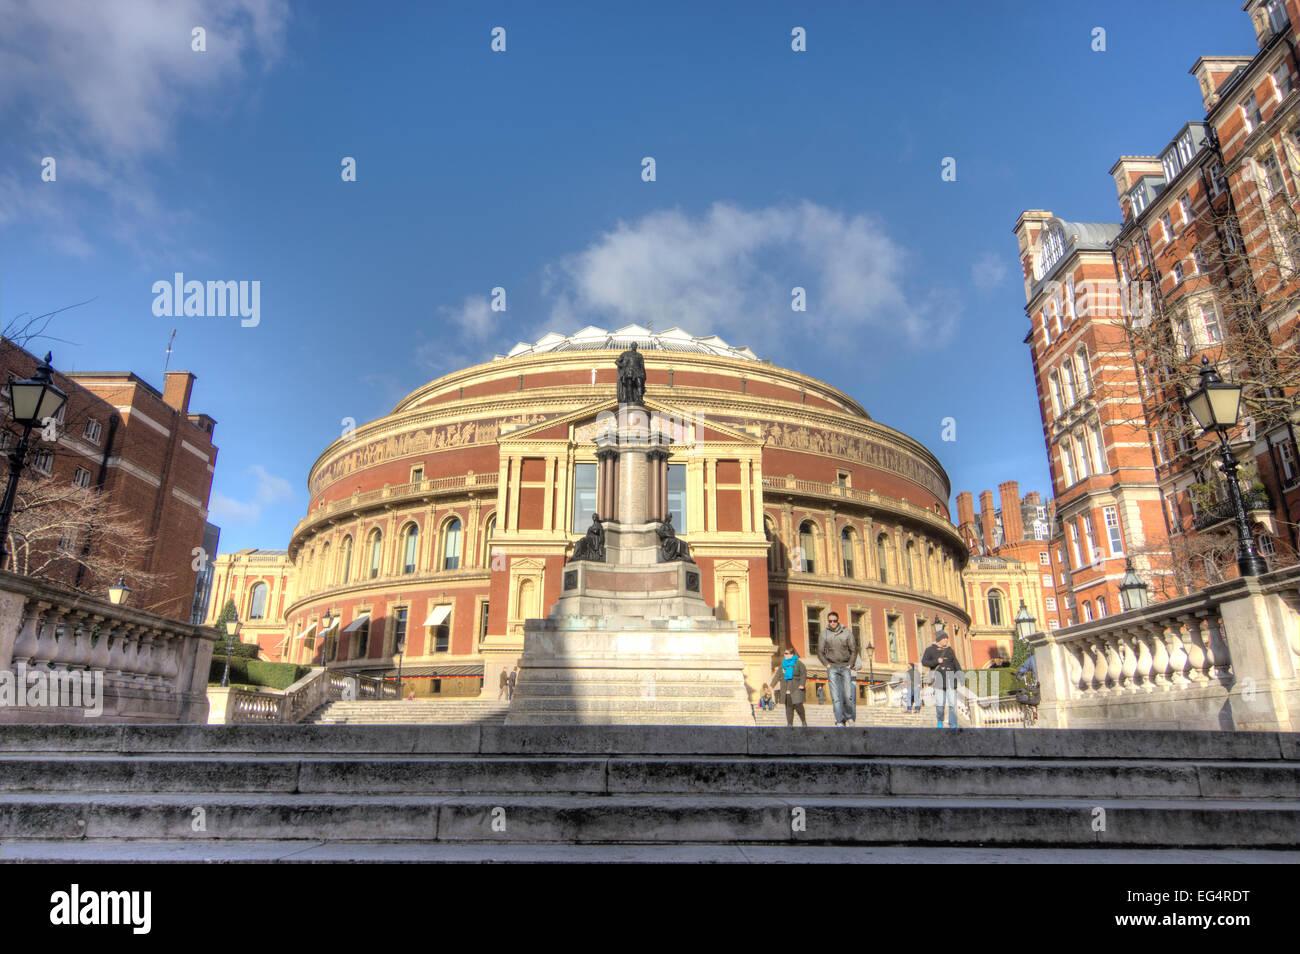 royal albert hall London - Stock Image